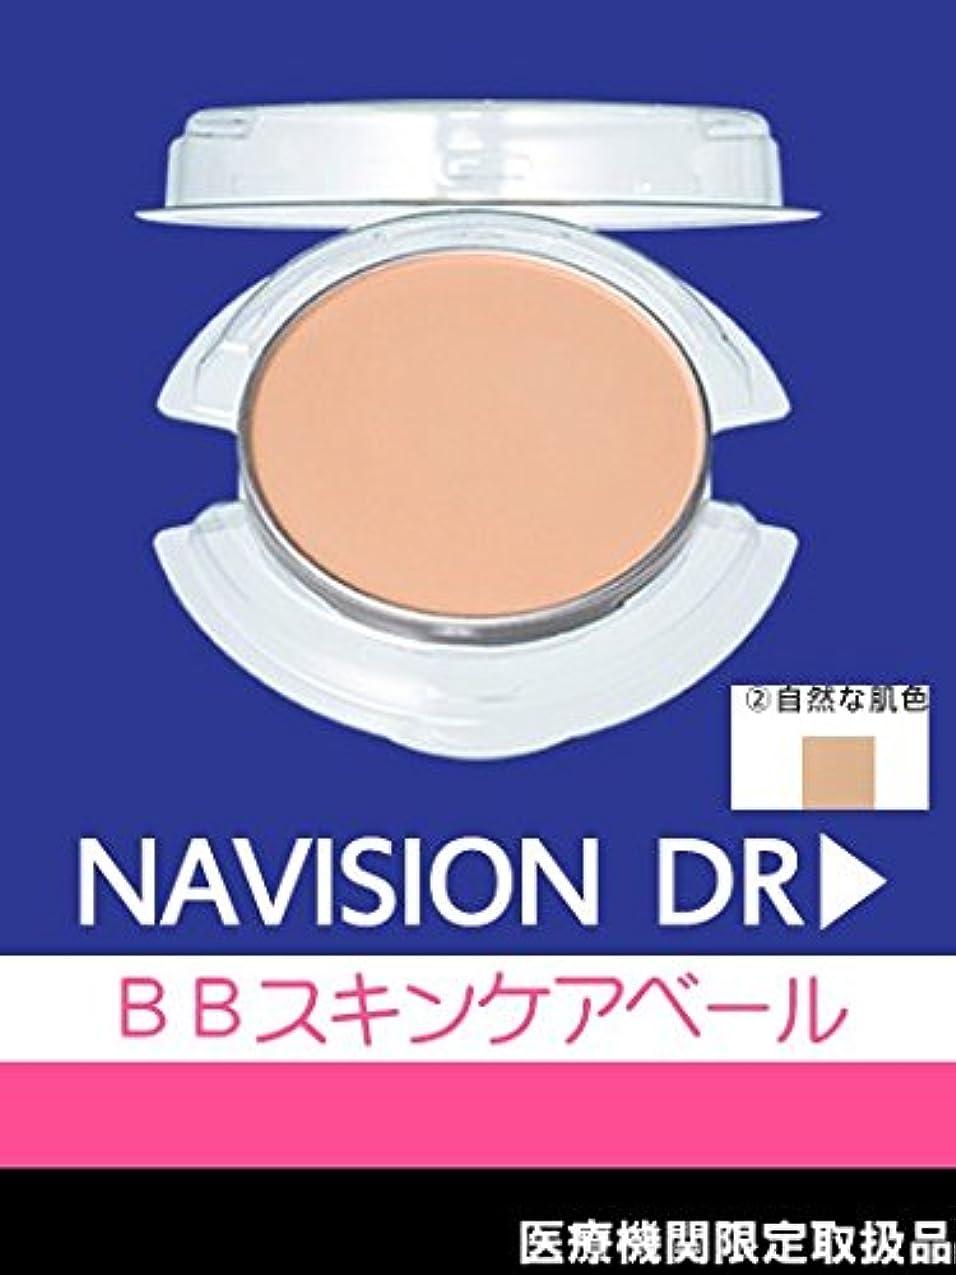 冷酷な戸口保護NAVISION DR? ナビジョンDR BBスキンケアベール ②自然な肌色(レフィルのみ)9.5g【医療機関限定取扱品】